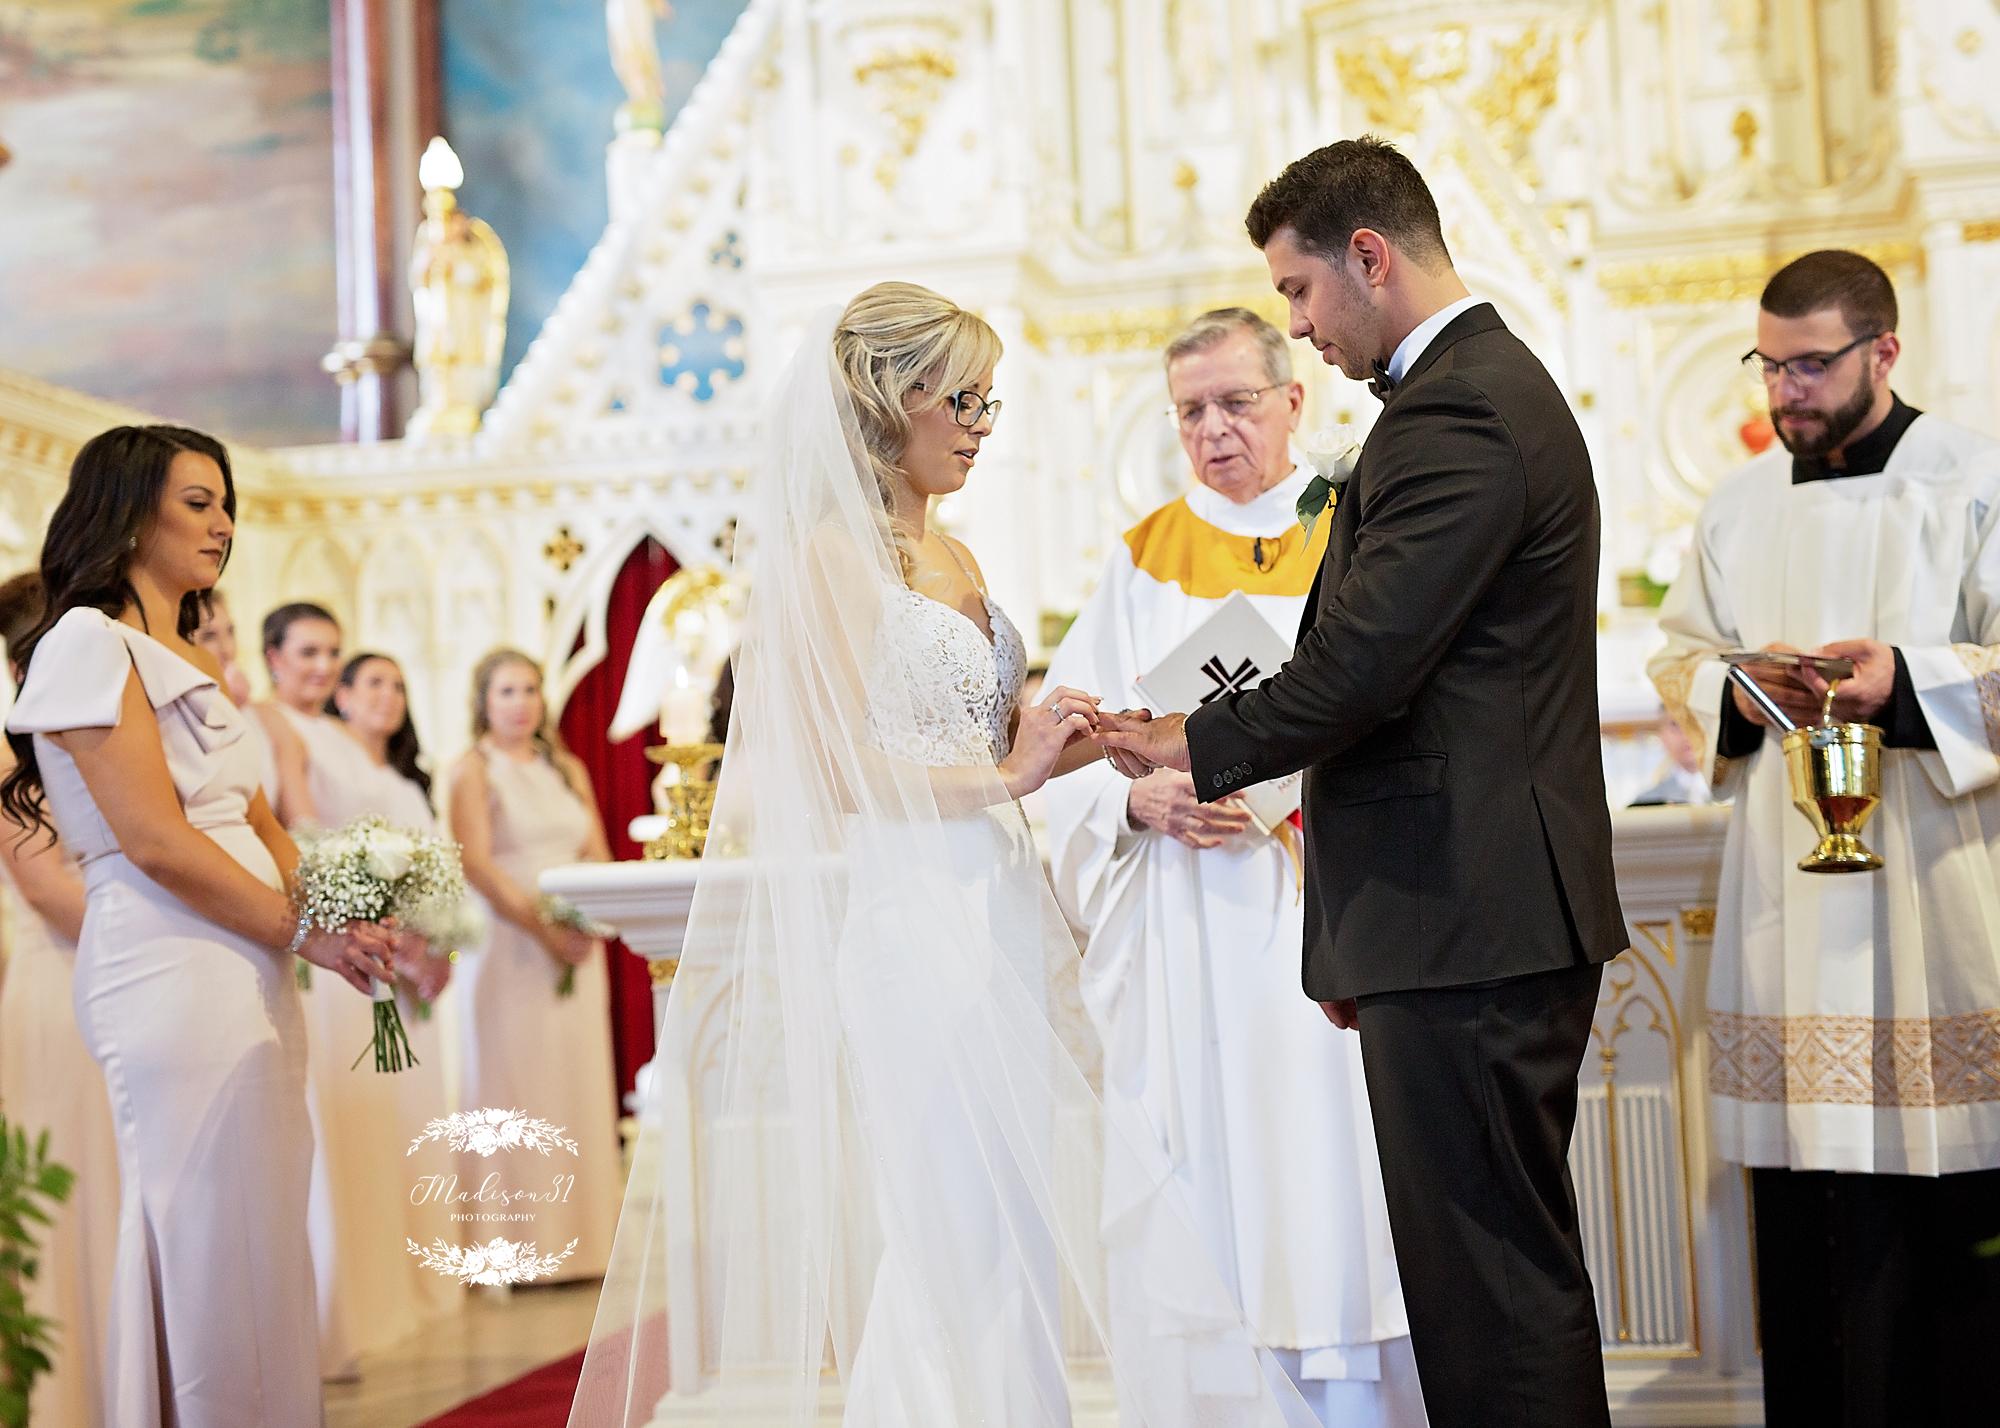 Ceremony&RBG_0221 copy.jpg